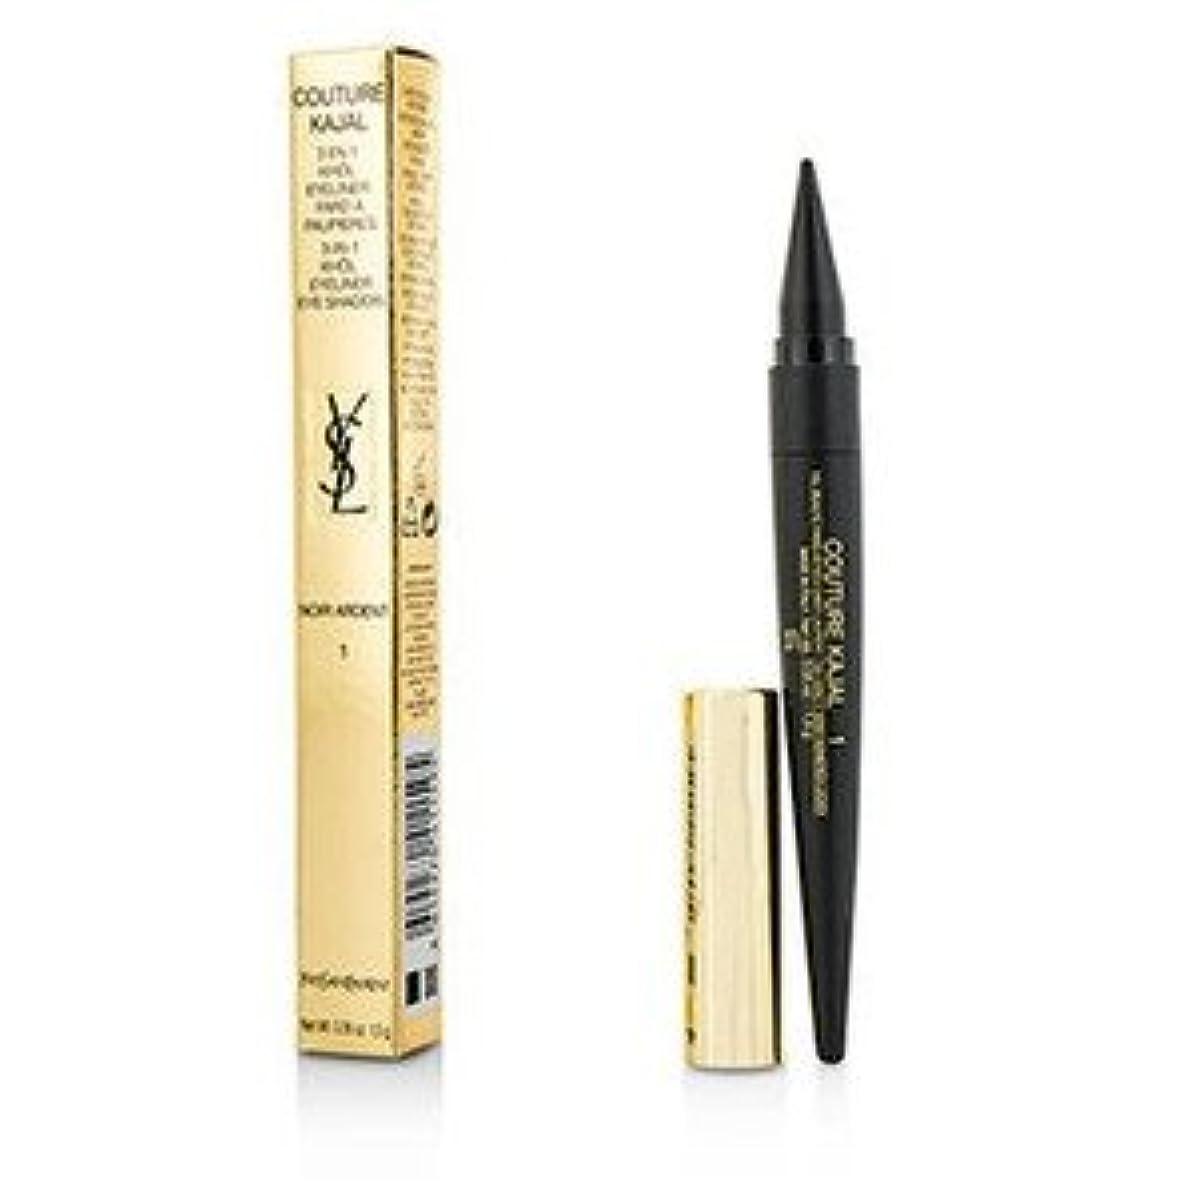 山積みのシャンプー政府Yves Saint Laurent(イヴサンローラン) クチュール カジャール 3 in 1 アイ ペンシル(Khol/Eyeliner/Eye Shadow)- #1 Noir Ardent 1.5g/0.05oz [並行輸入品]